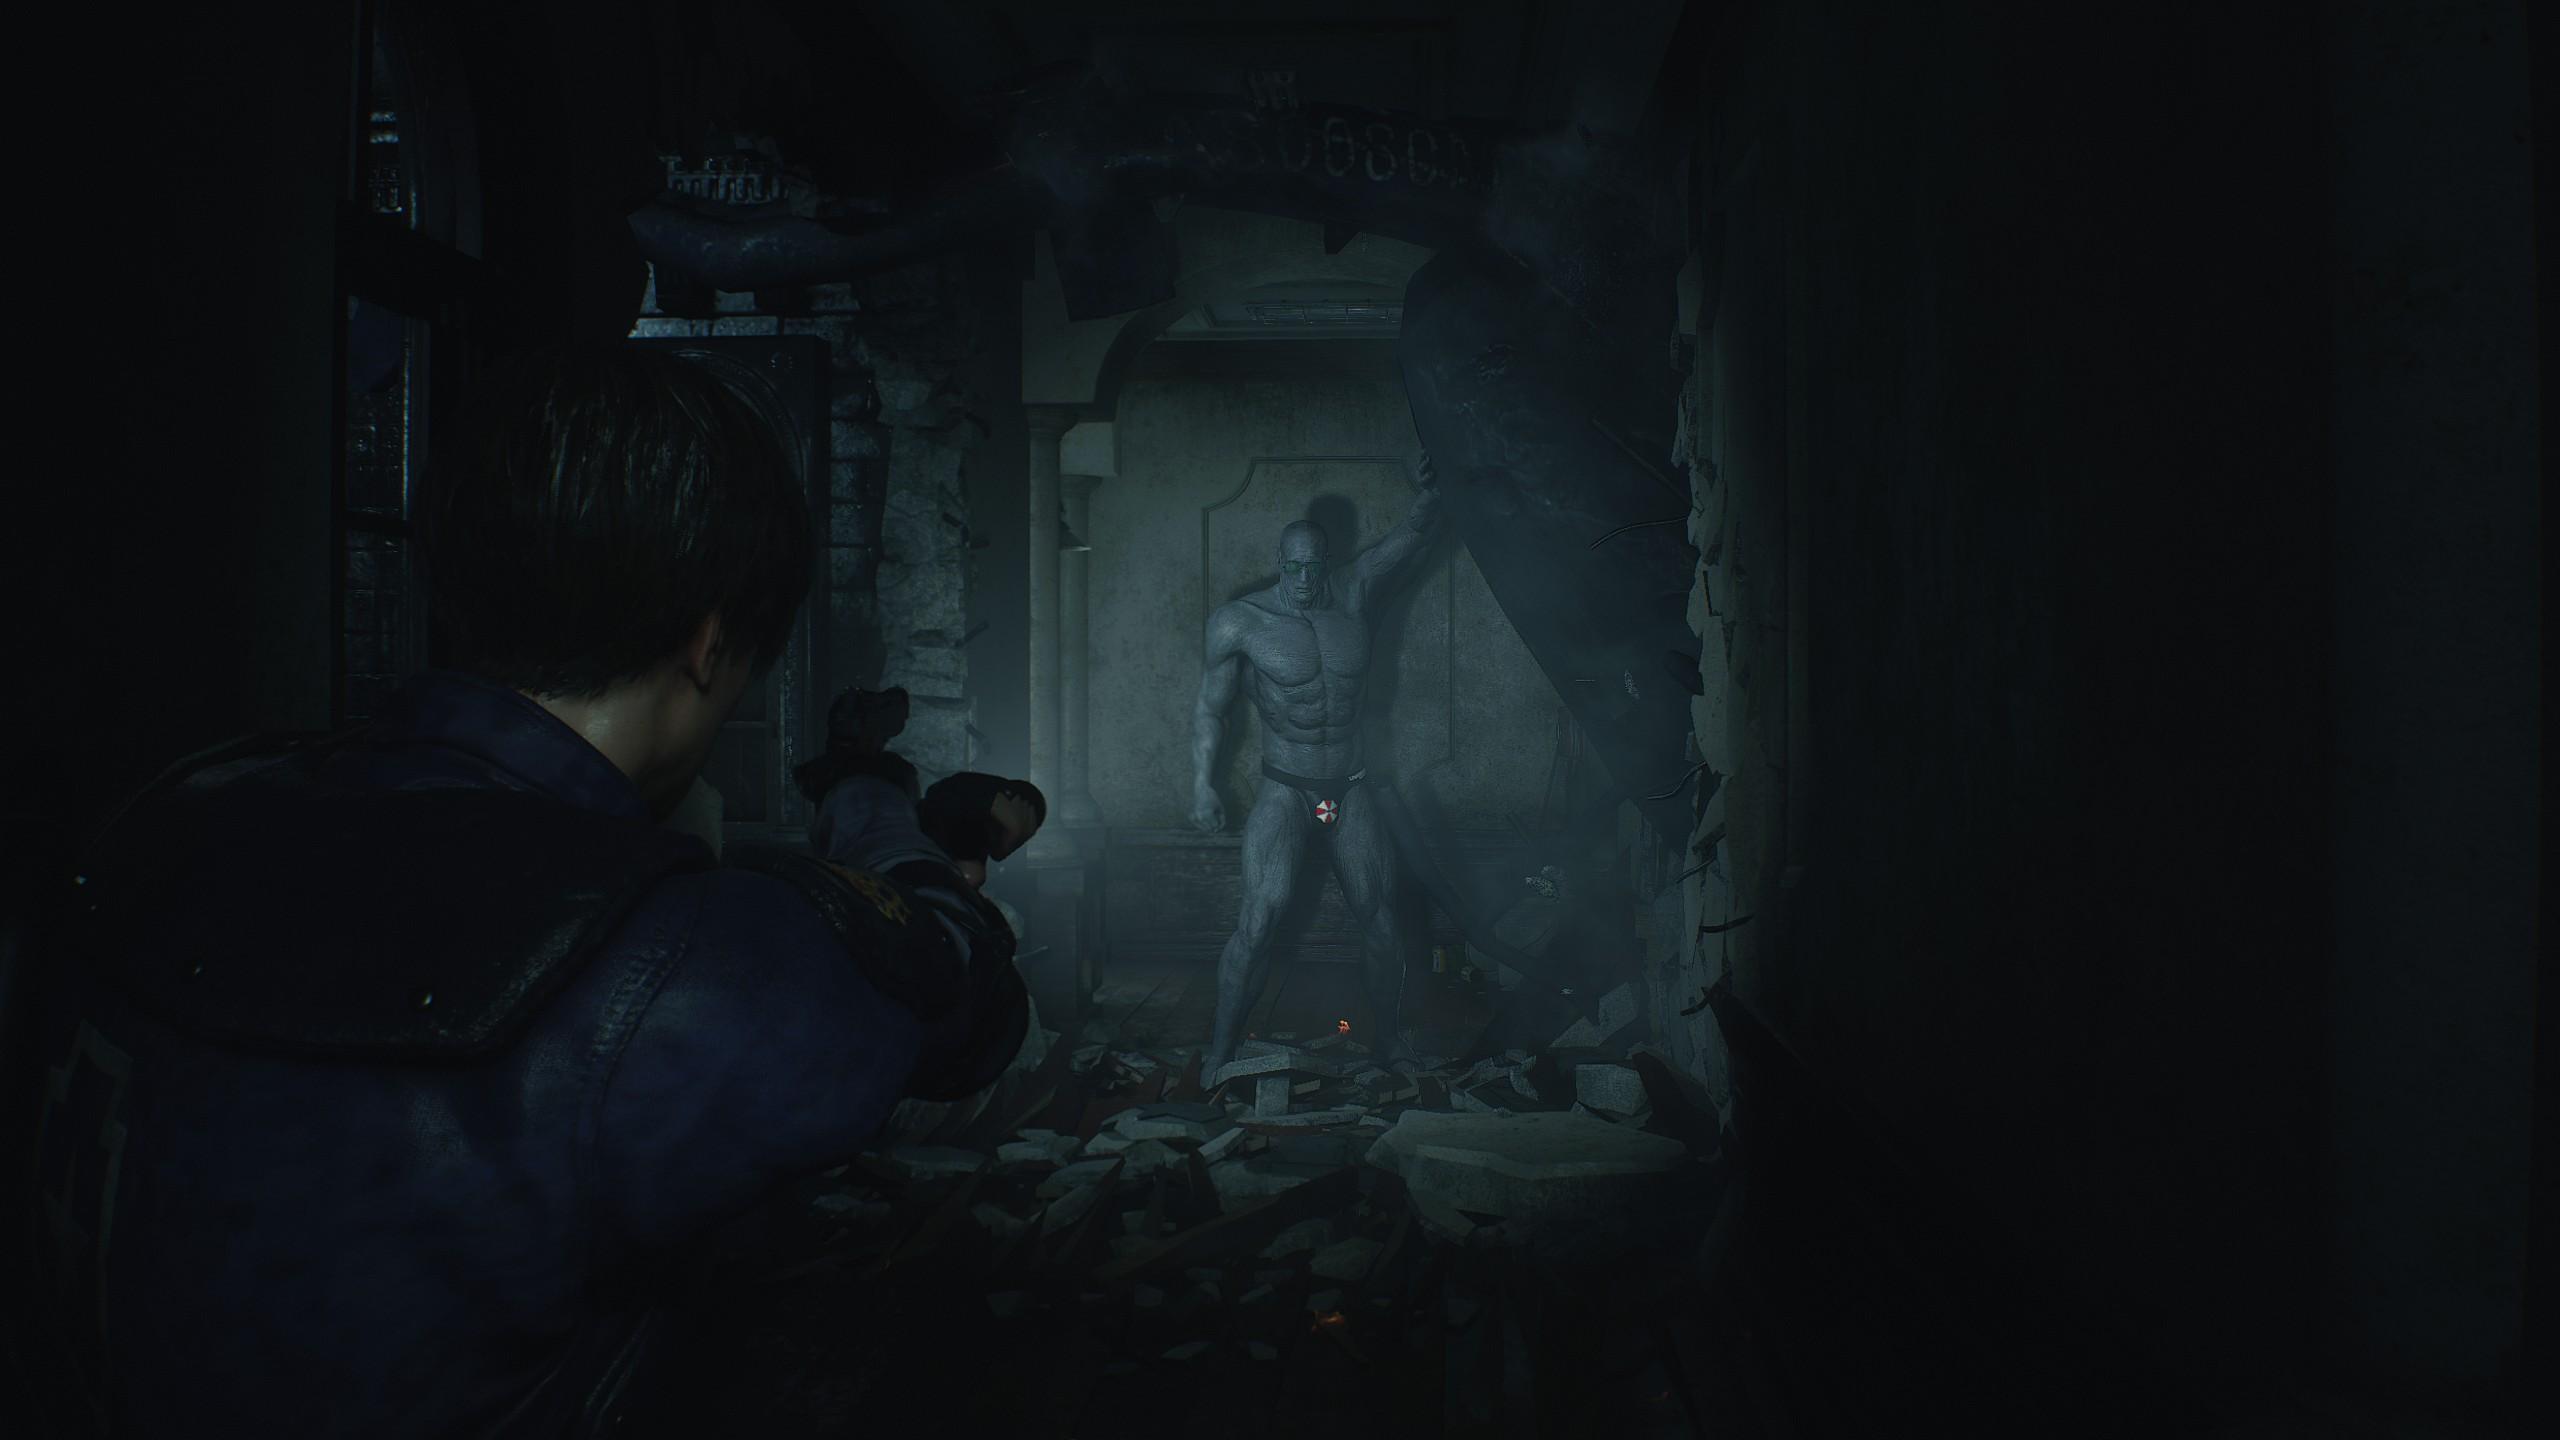 Resident Evil 2 speedo mod for Mr  X is rather terrifying